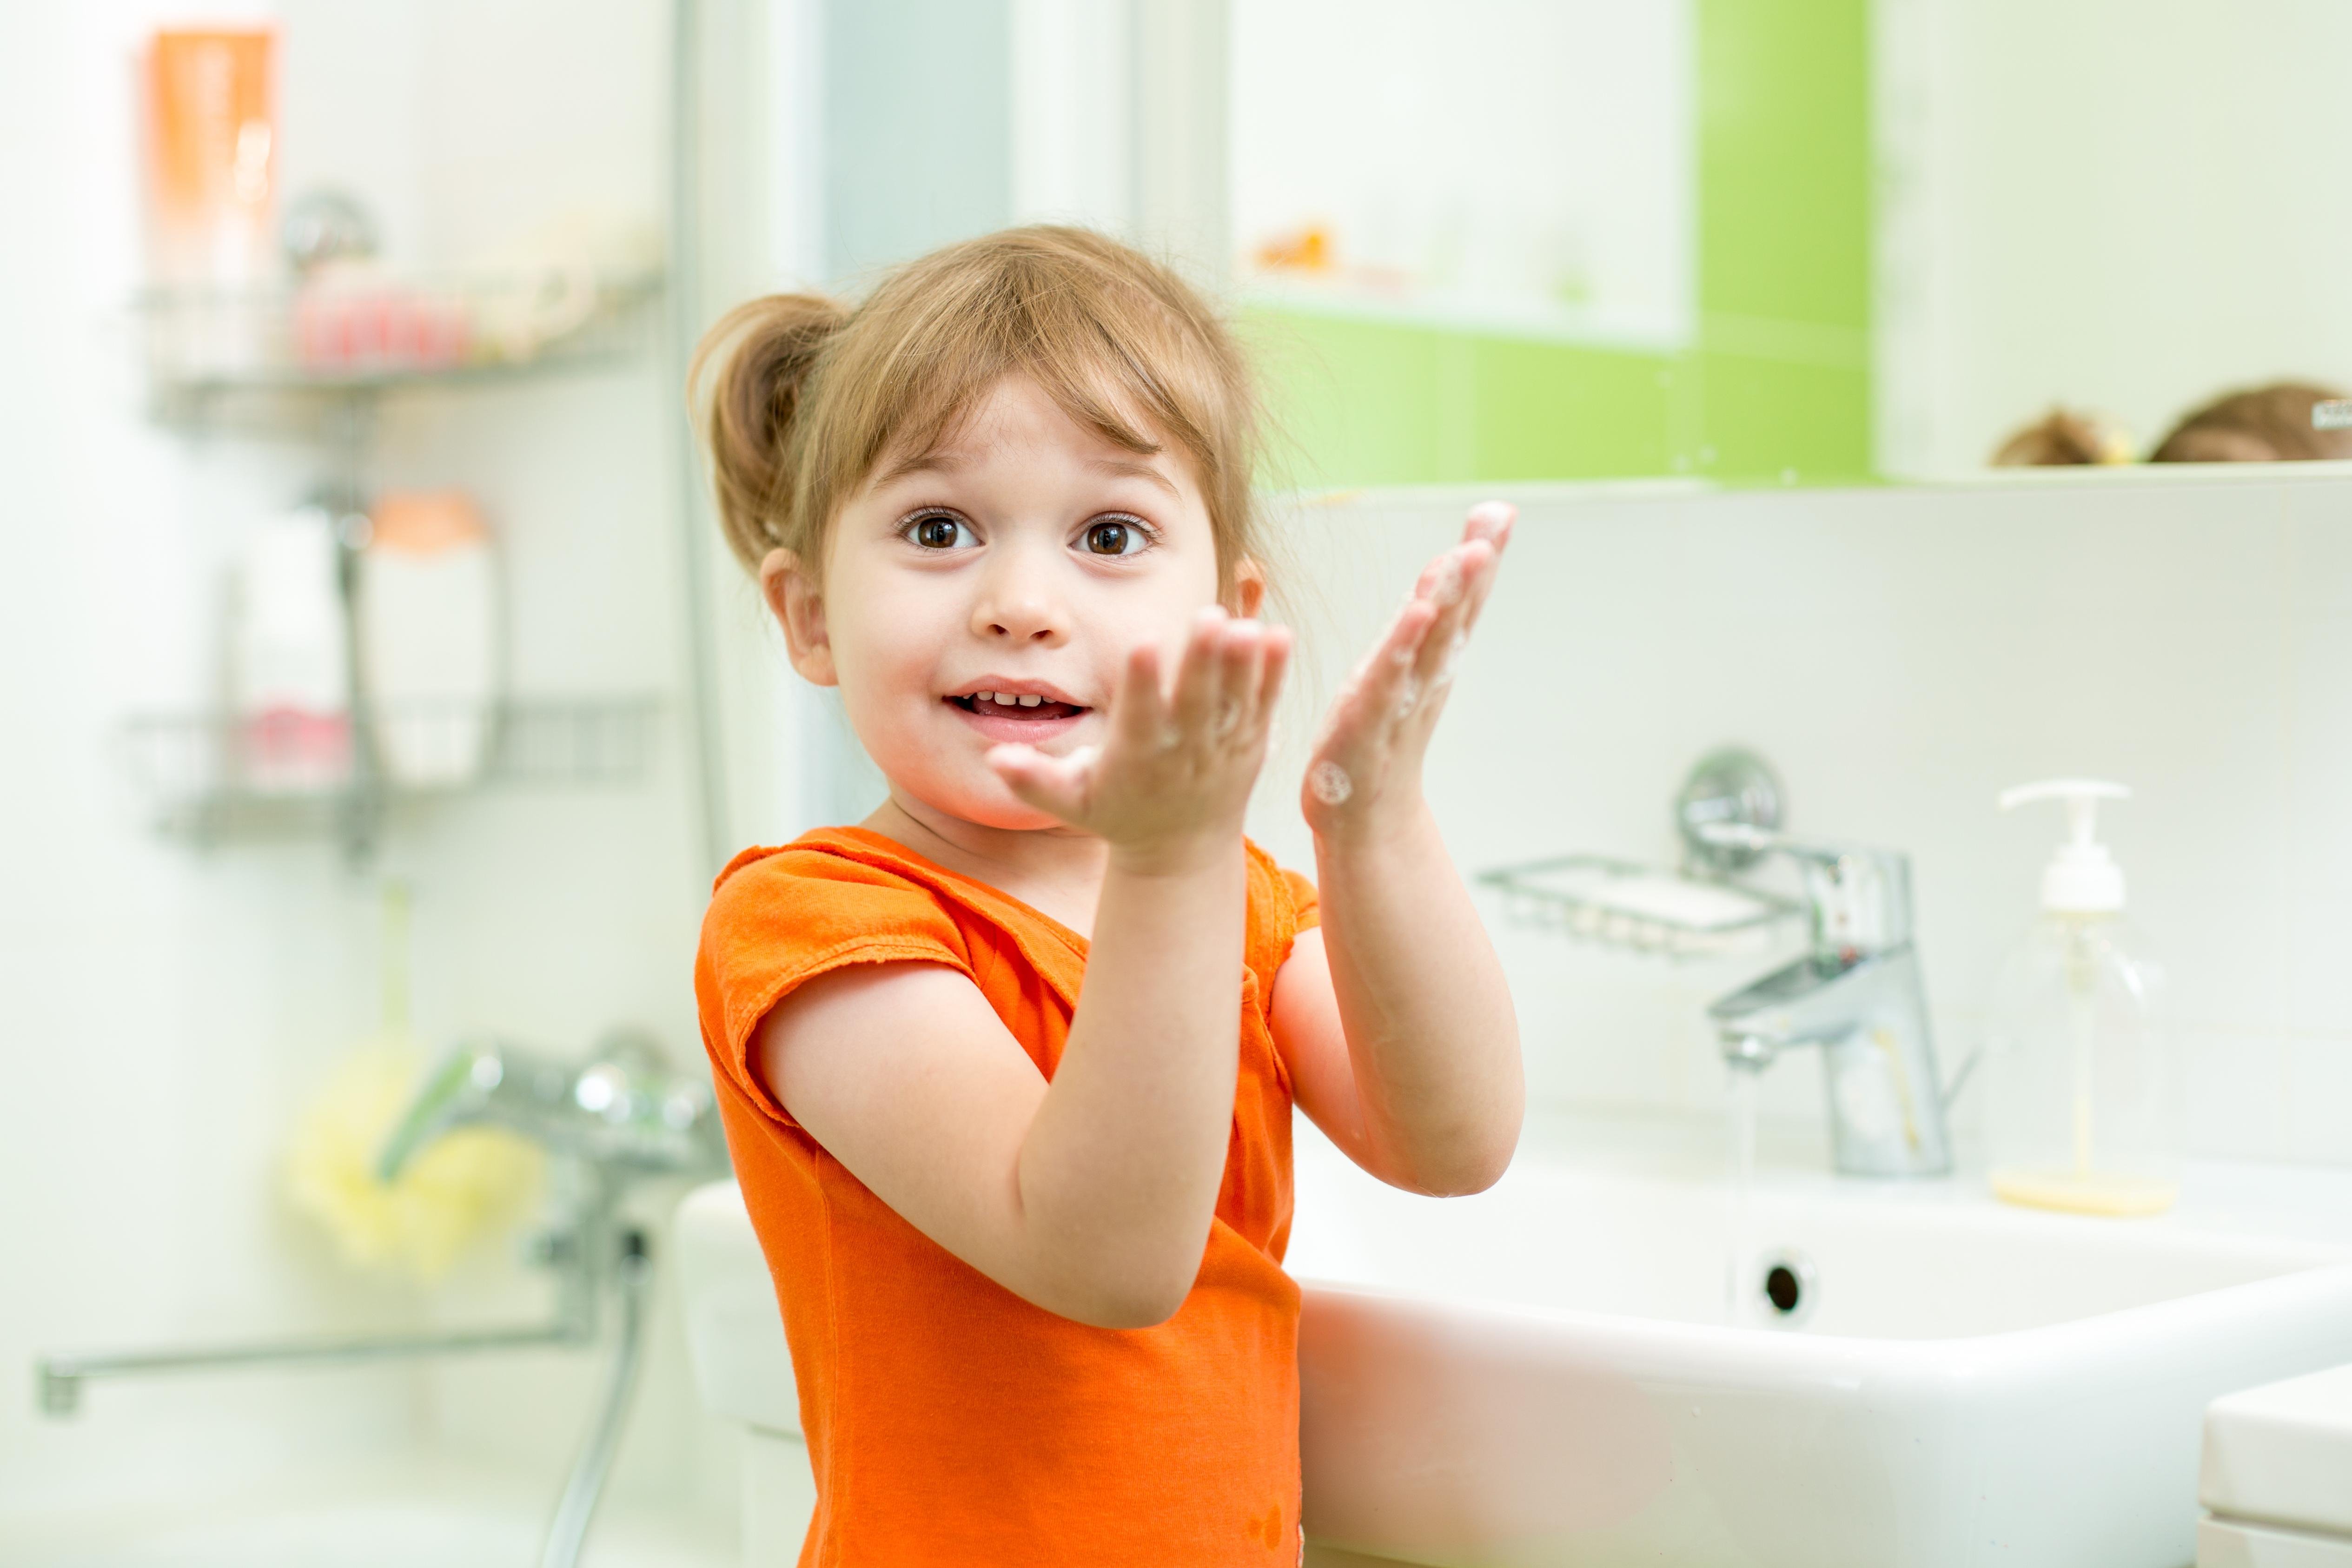 Genom att vara noggranna med att alltid tvätta våra händer i samband med exempelvis toalettbesök så kan vi bryta en eventuell smittkedja.